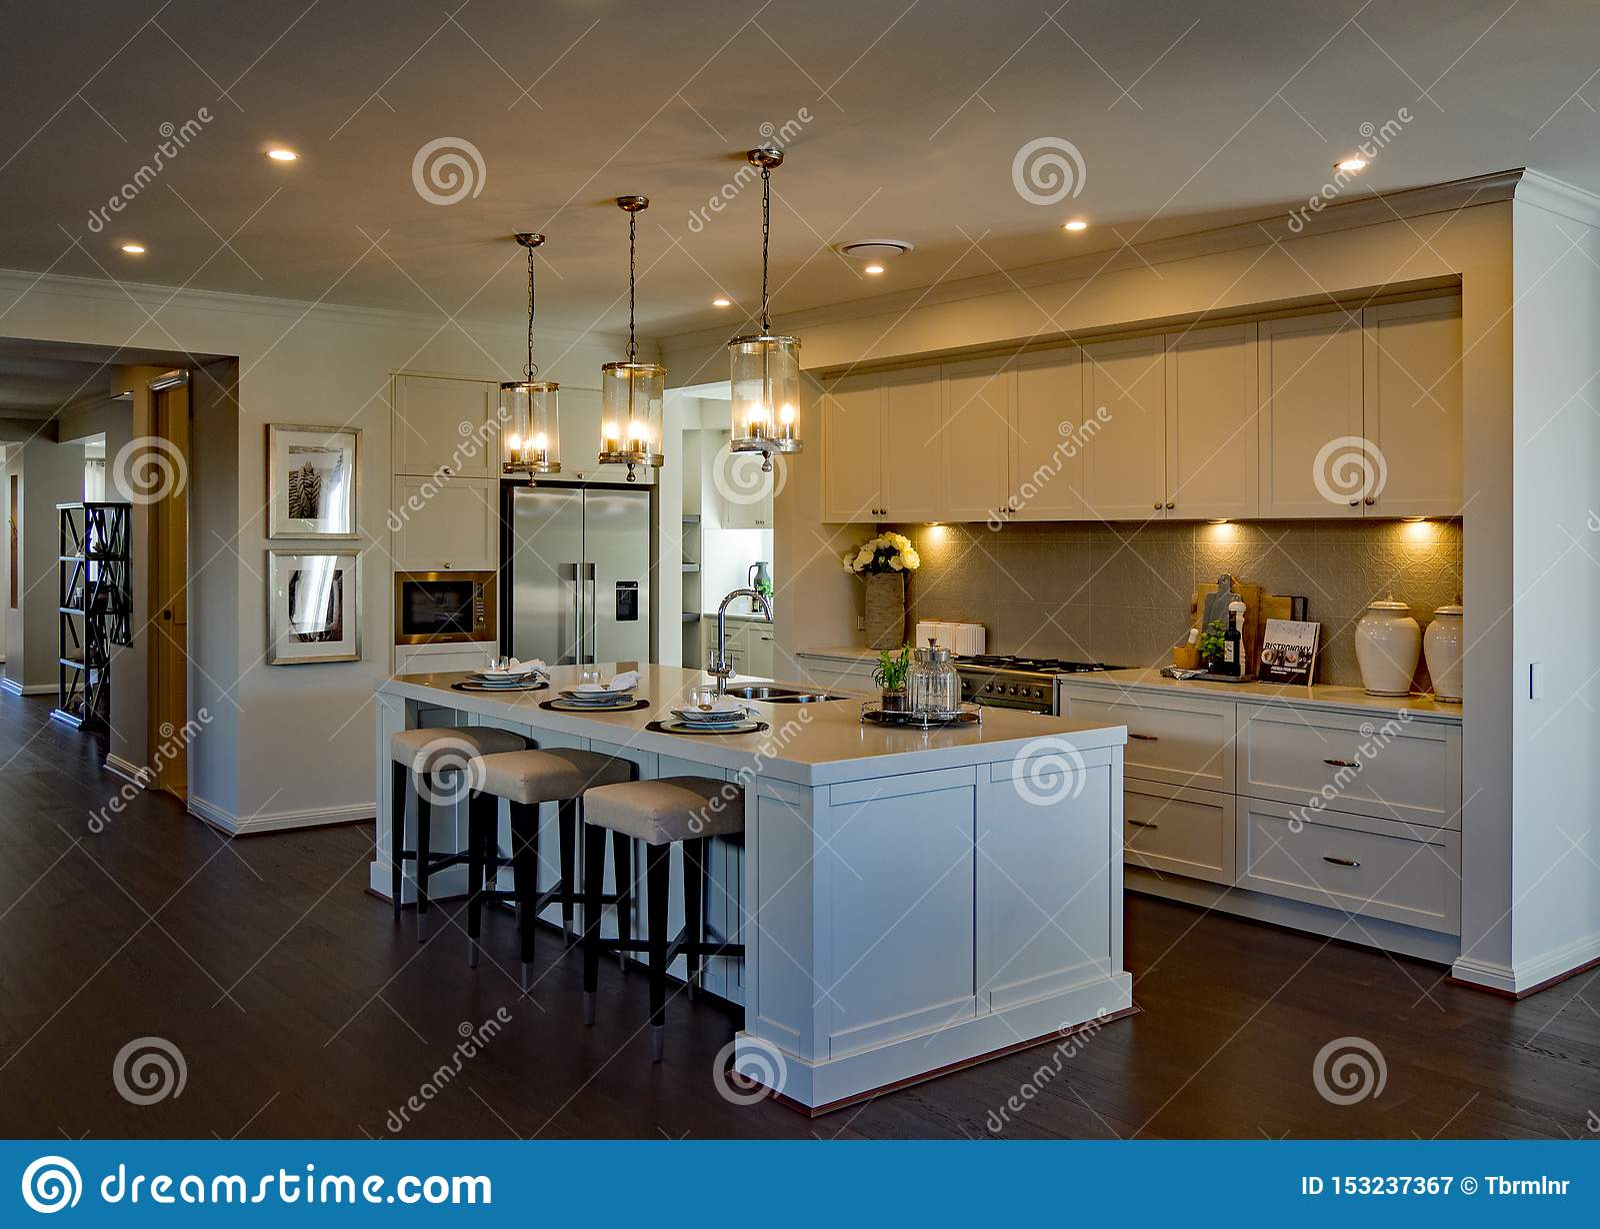 Große luxuriöse Küche mit umgebender Beleuchtung und Bretterboden